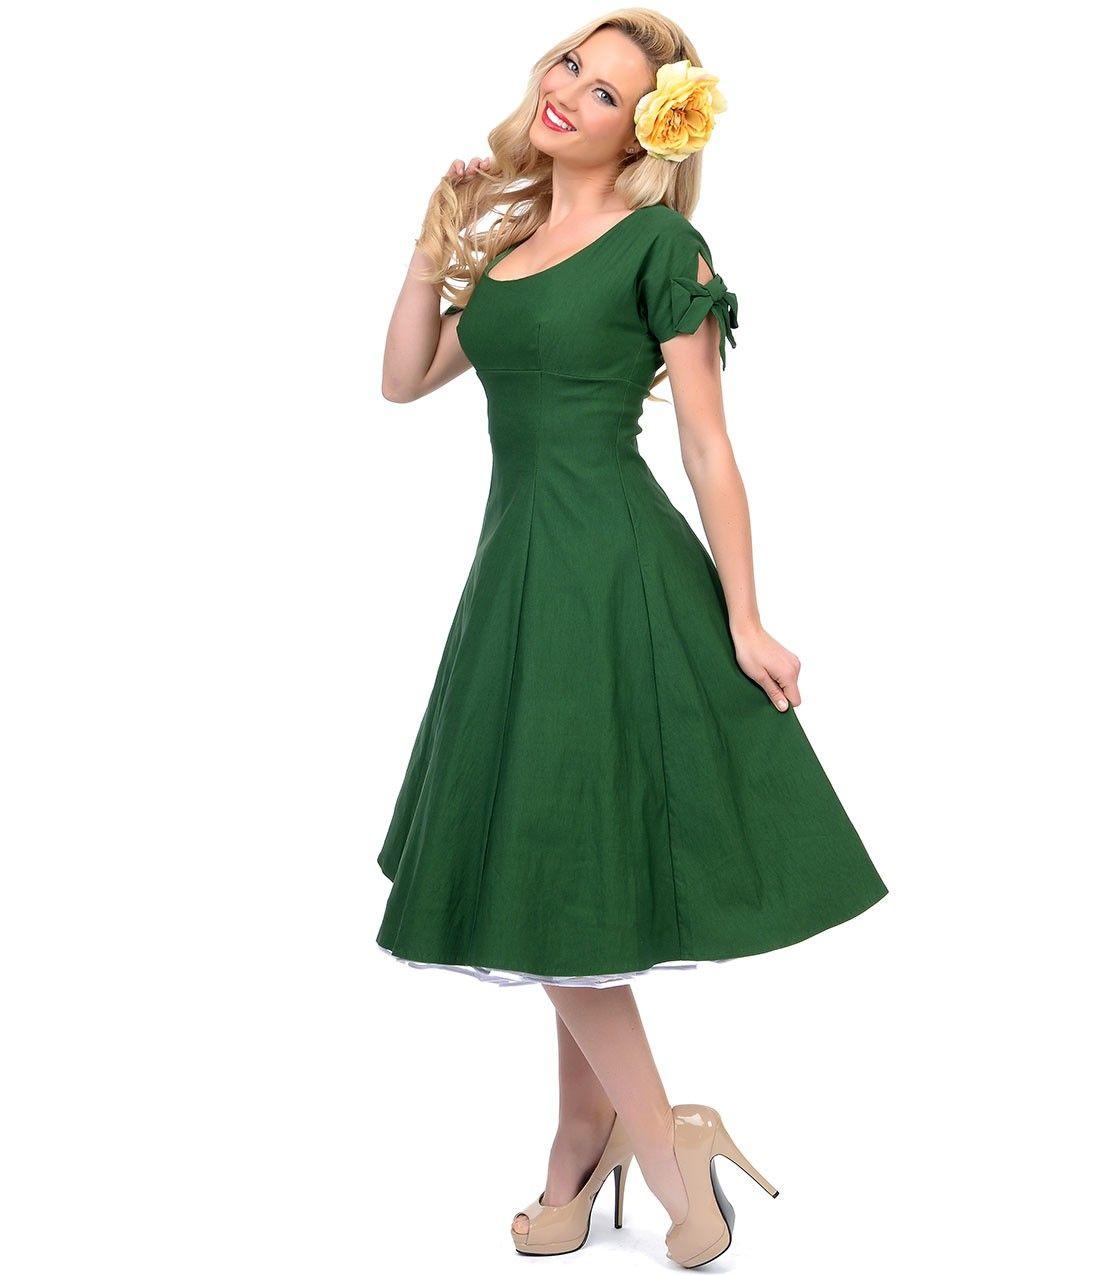 Unique Vintage Green Doris Stretch Swing Dress | Want ...